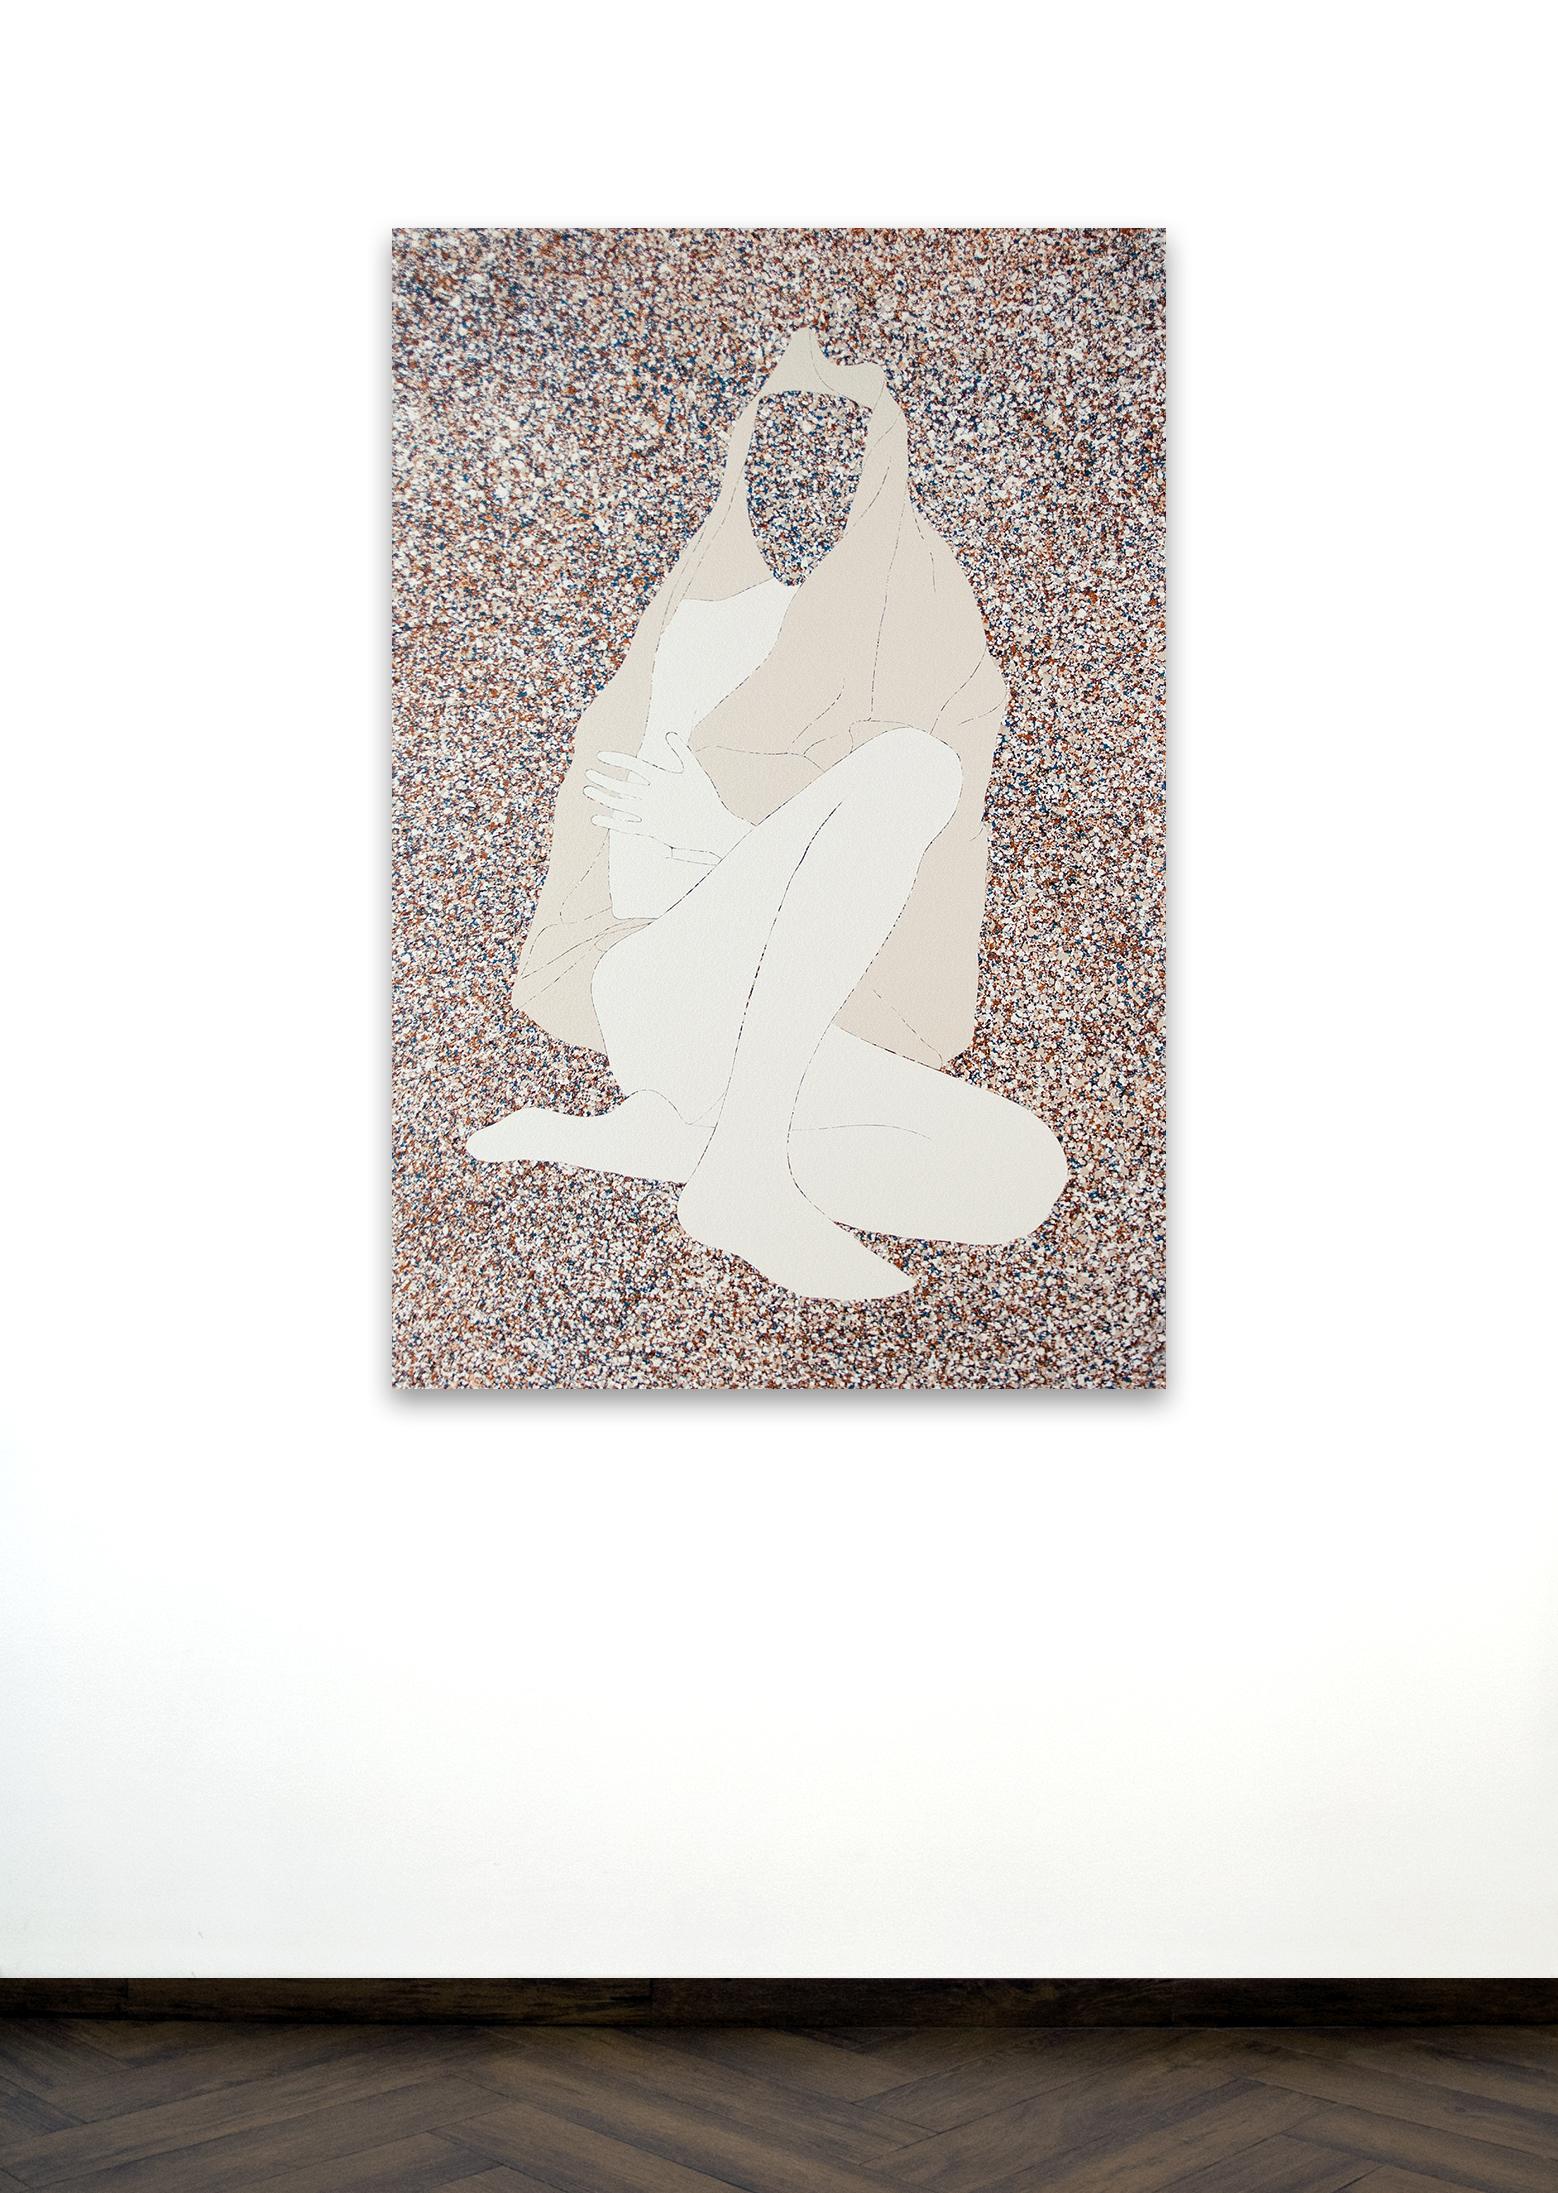 Skoya Assémat-Tessandier, Sleeping Beauty °IX, 2015 135cm x 95cm, Acrylic on canvas, wooden stretchers.